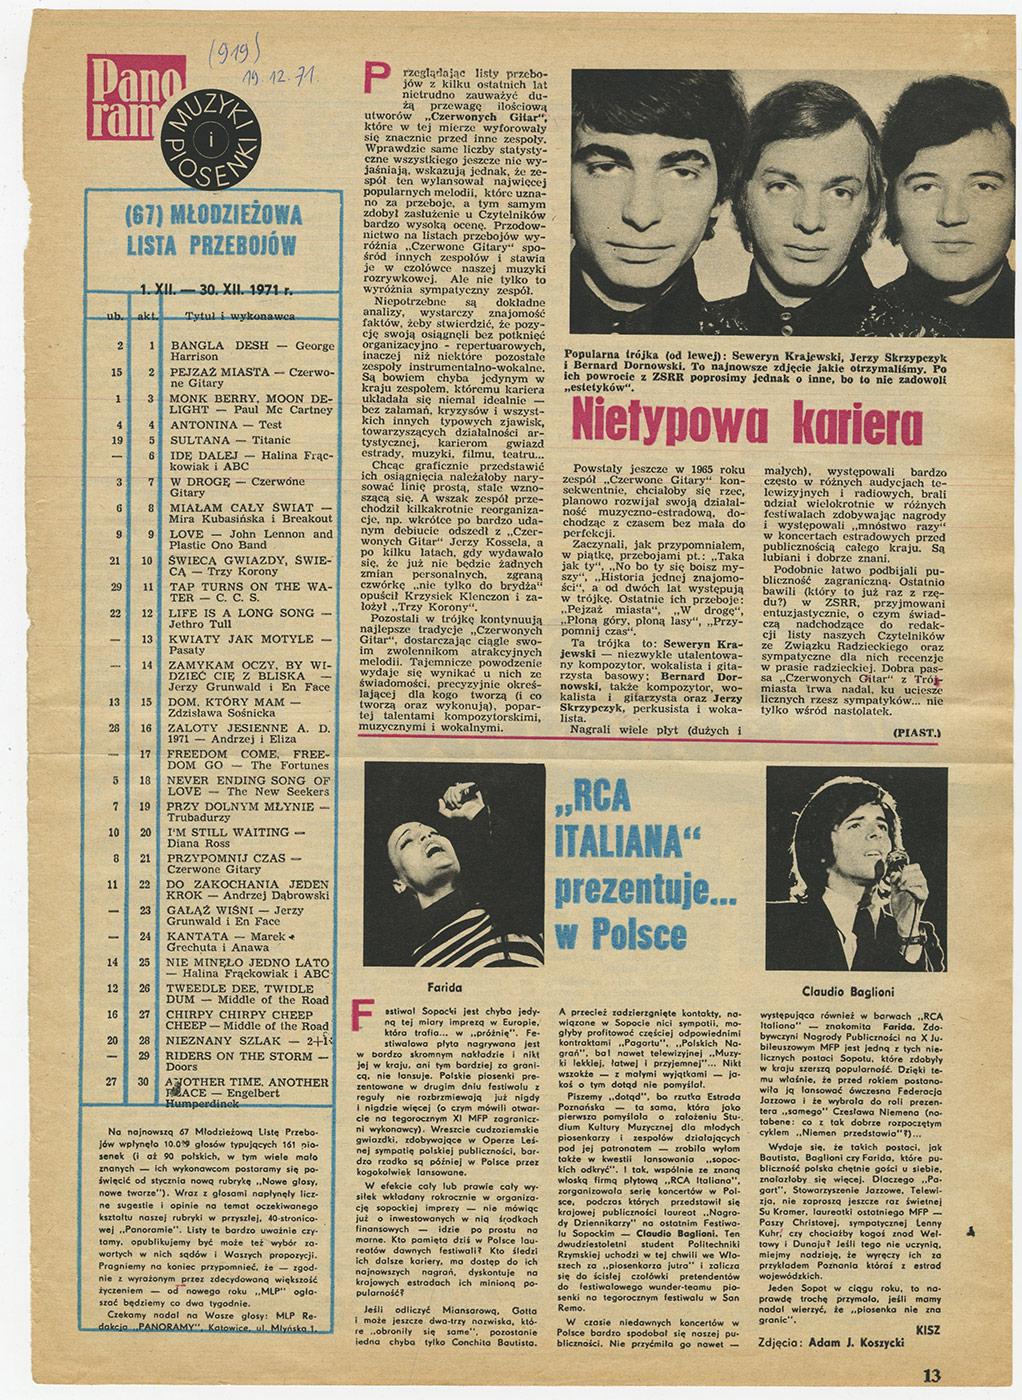 1969-1978_Panorama_1971_nietypowa_kariera